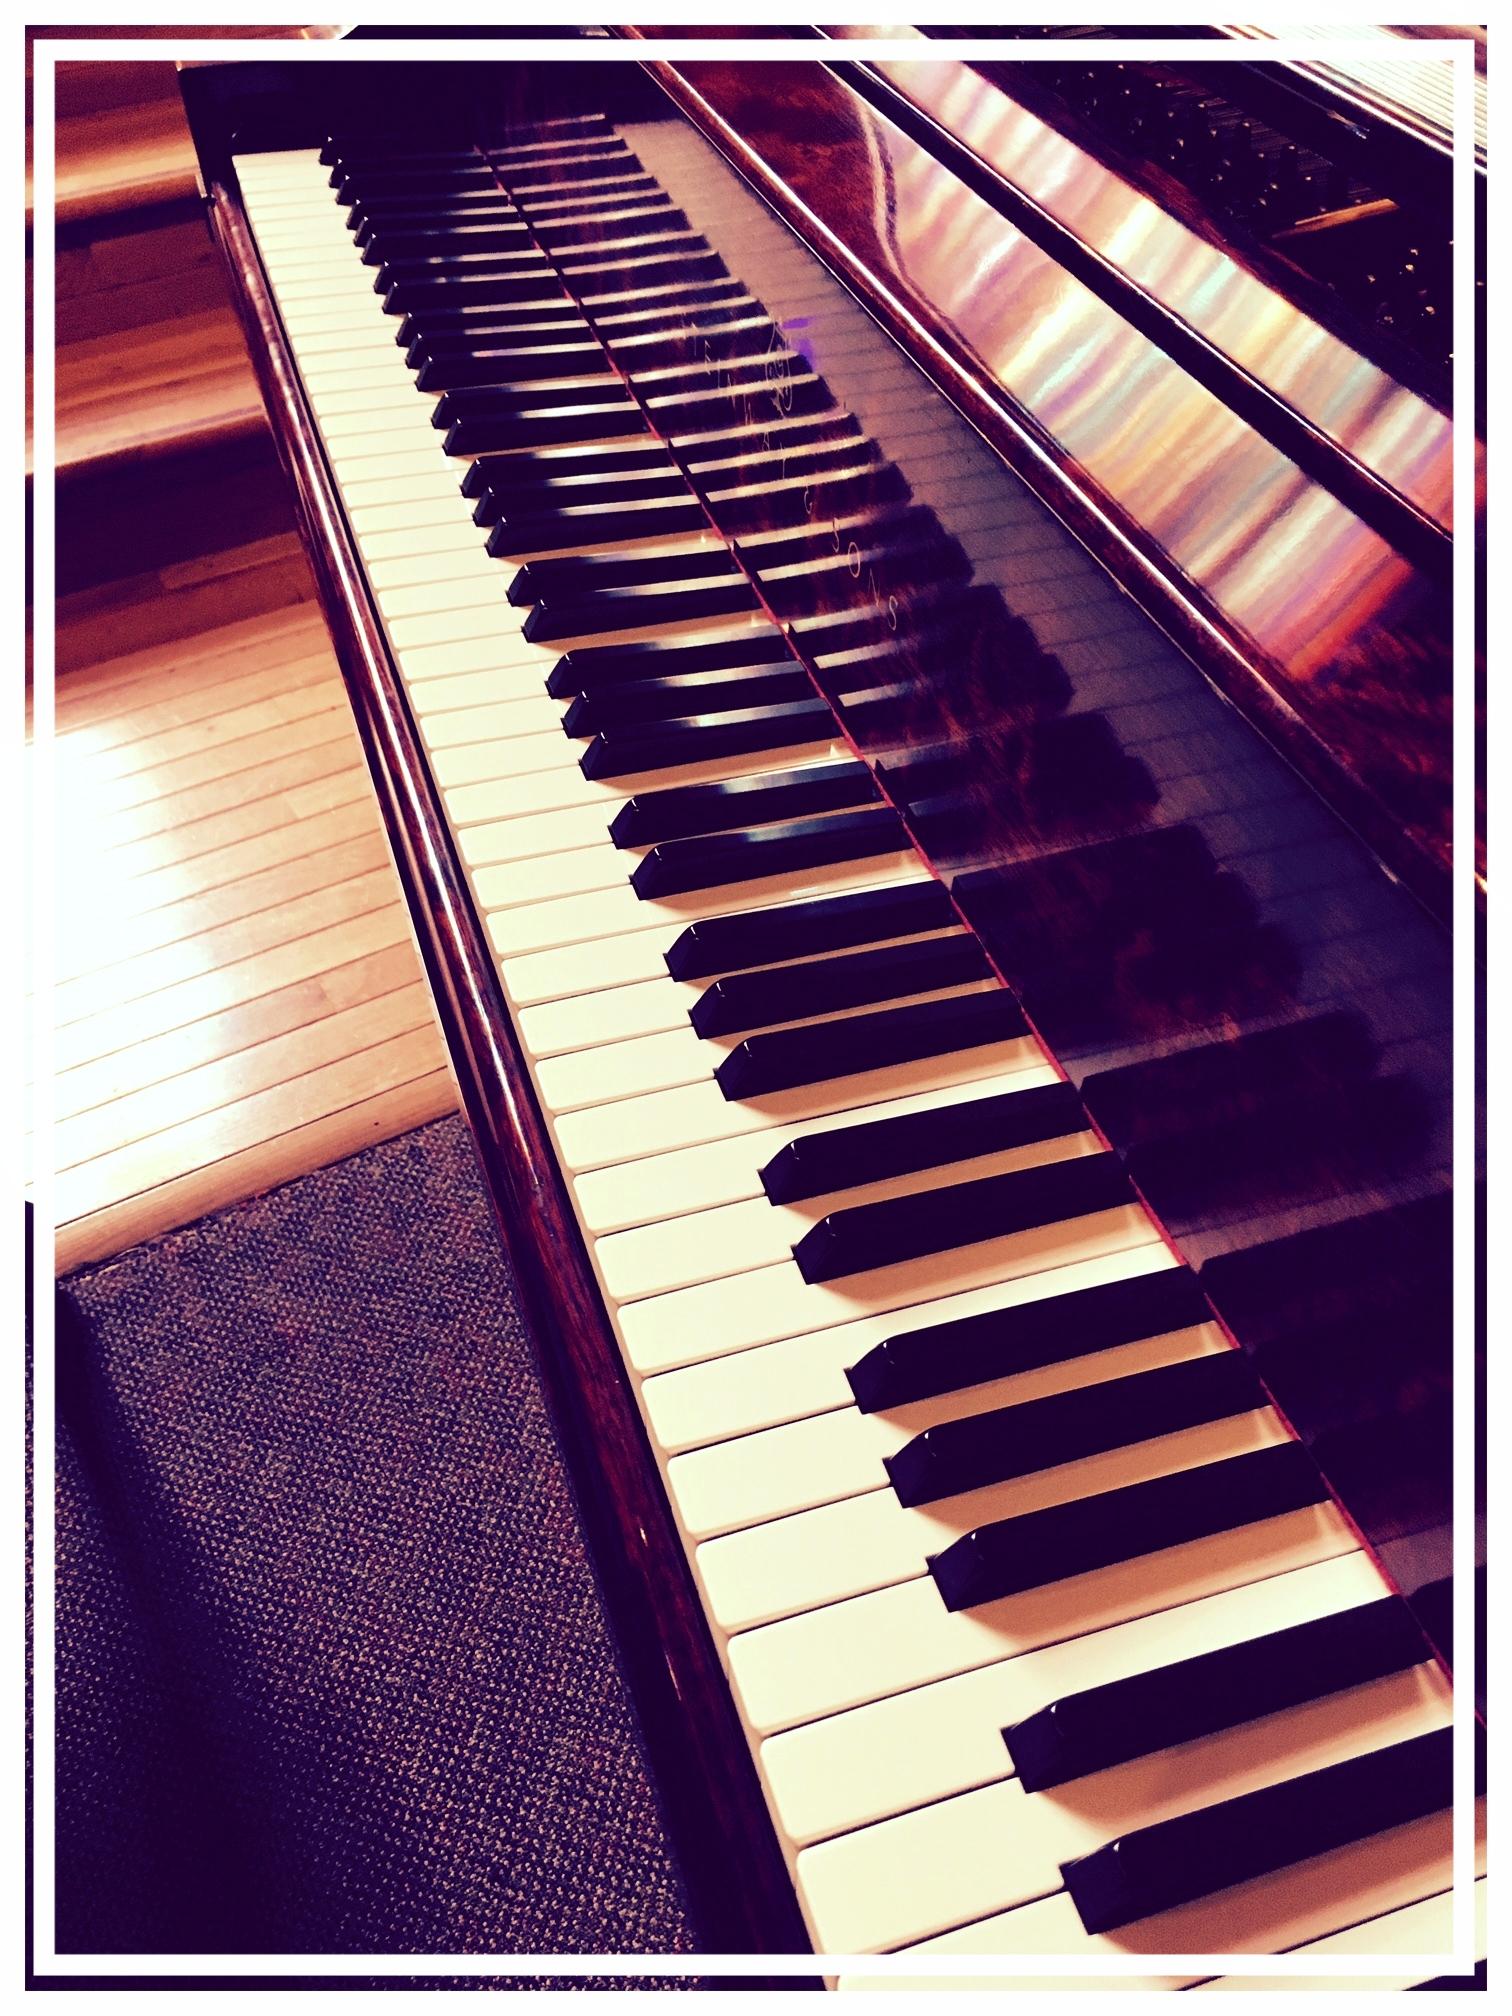 steinway piano